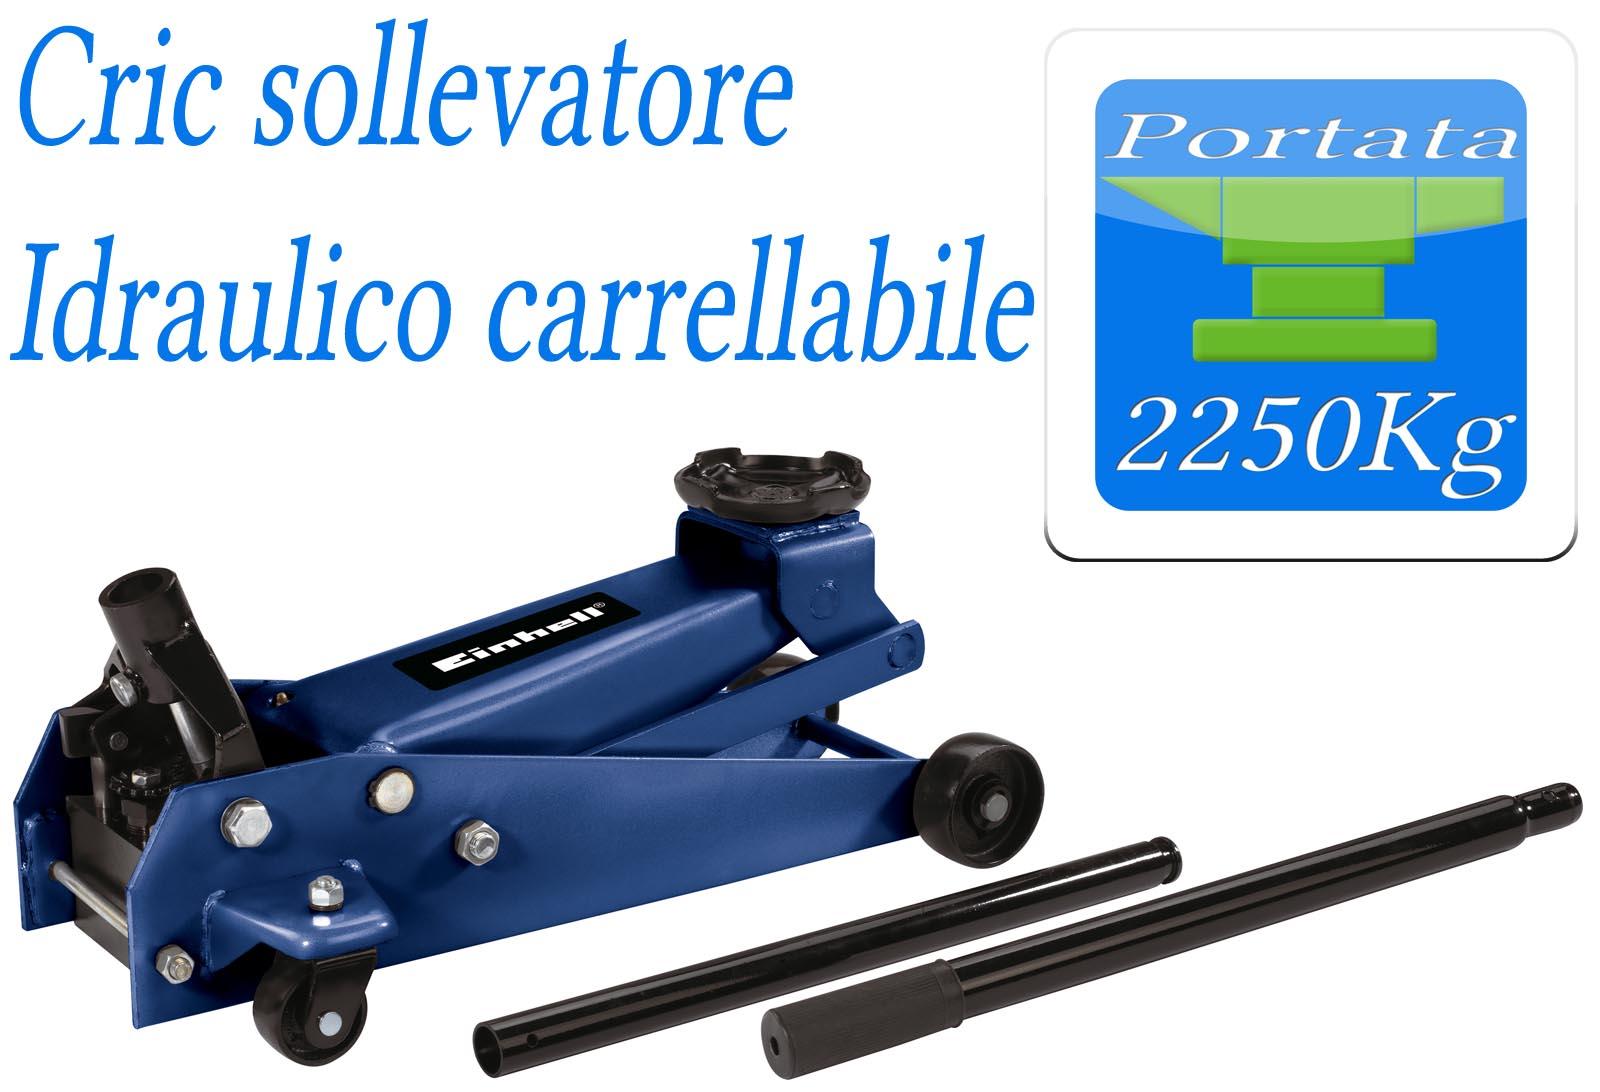 Crick cric cricchetto sollevatore auto furgoni 2250kg for Cric idraulico a carrello professionale prezzi